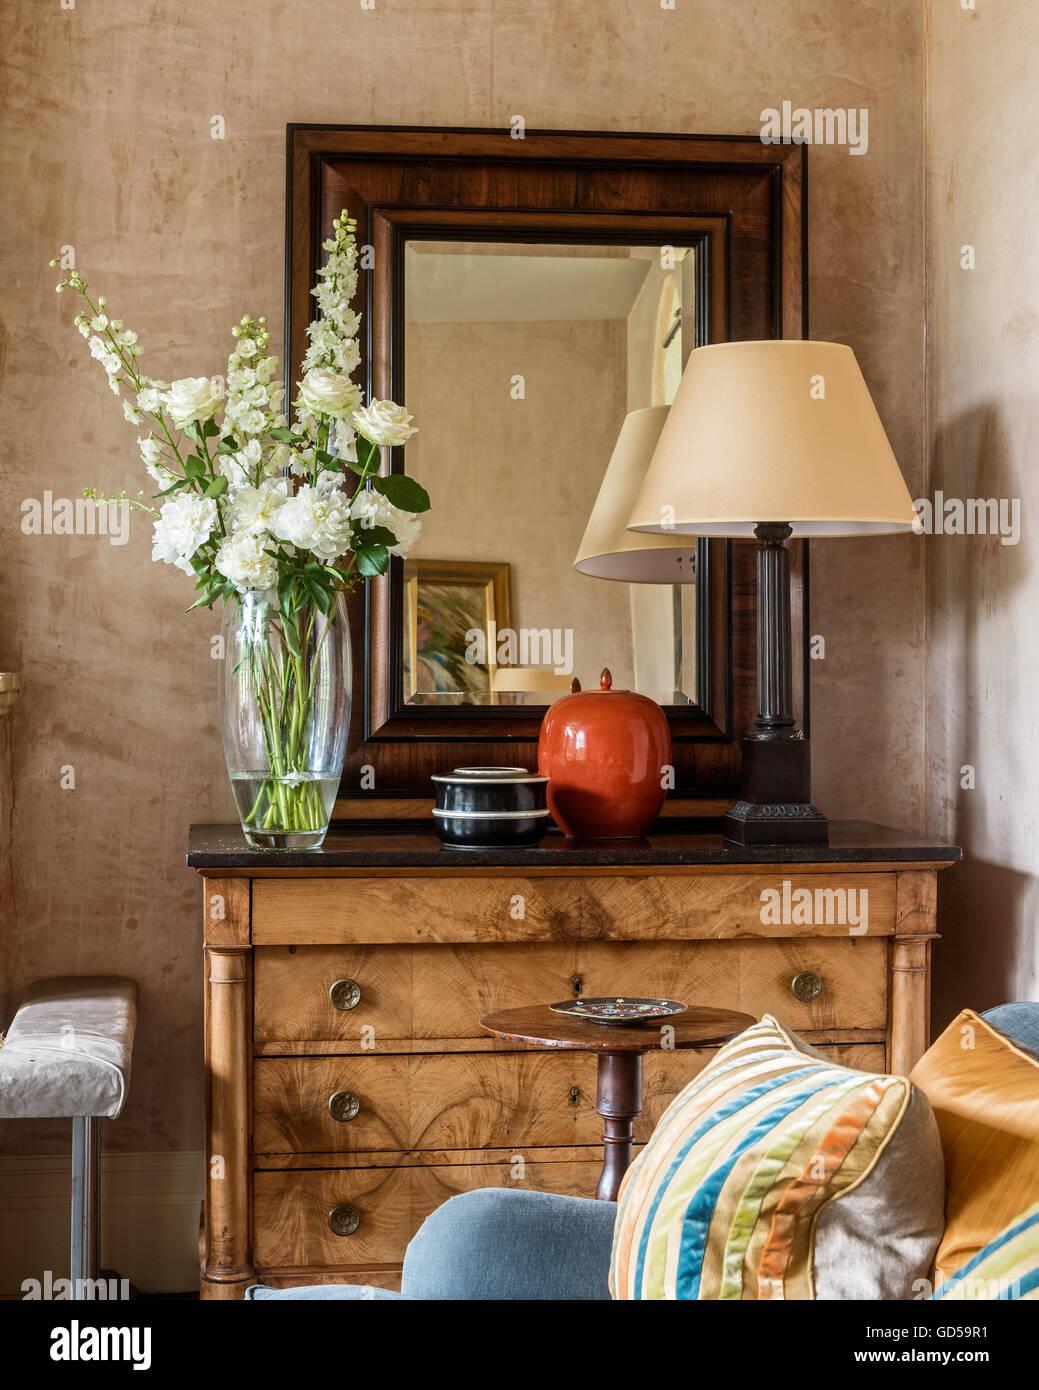 Espejo enmarcado en madera antiguos muebles de cajones con lámpara y ...